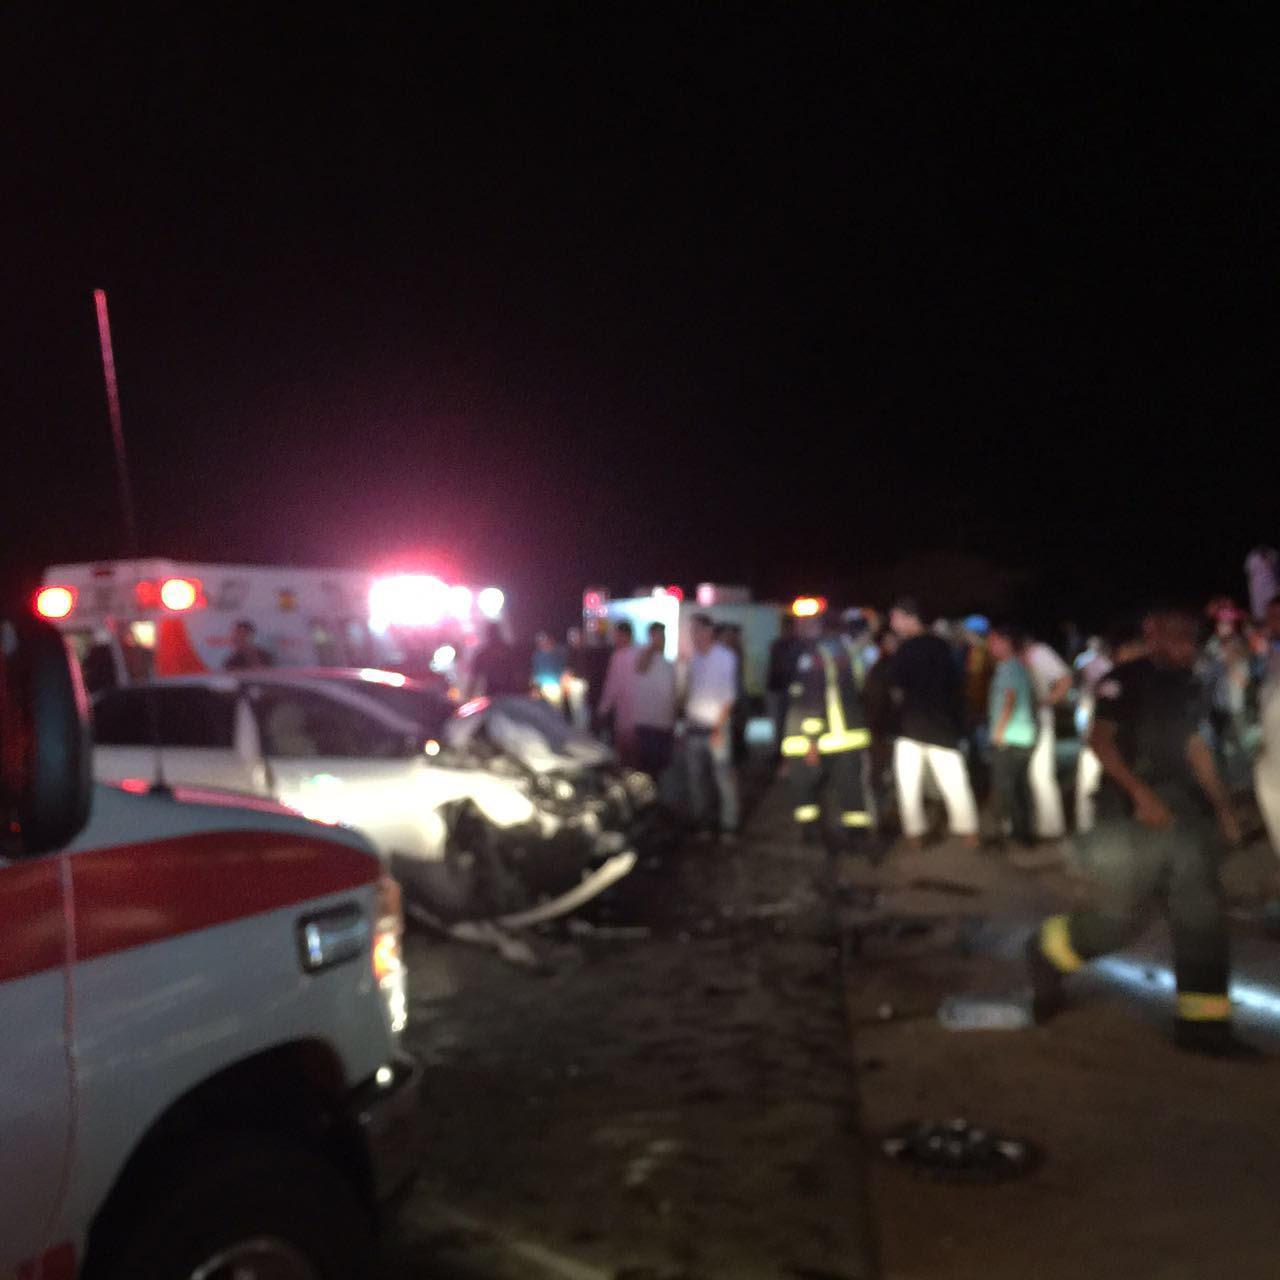 حادث تصادم بالمدينة المنورة (4)